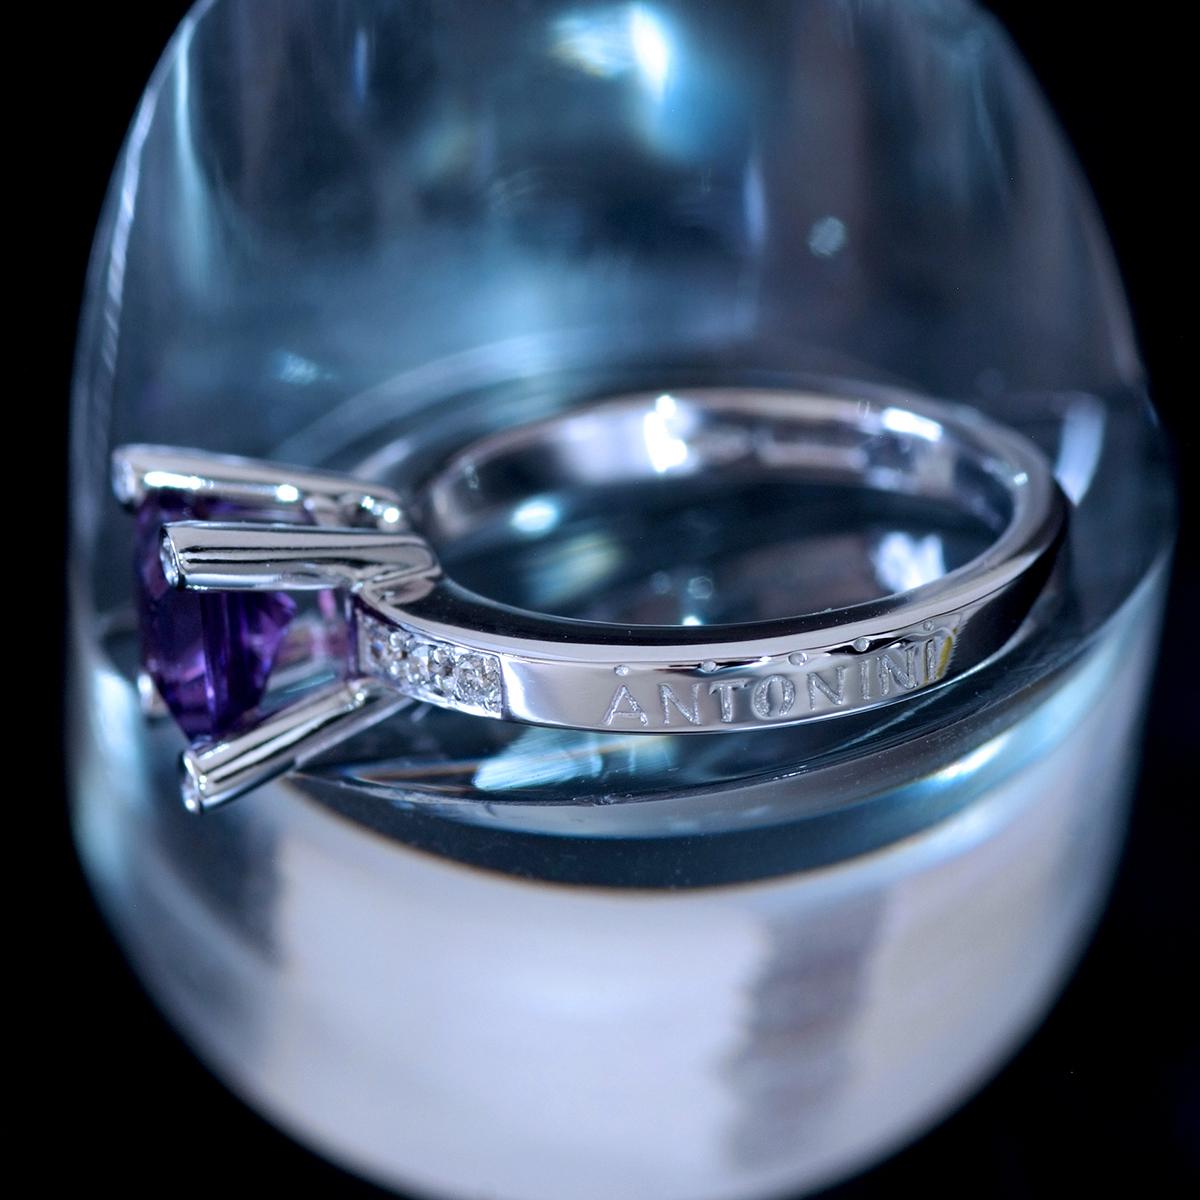 E8656【ANTONINI】アントニーニ アメジスト 天然絶品ダイヤモンド 最高級18金WG無垢リング S9.5号 重量4.95g 縦幅8.1mm【買取&下取可能】_画像3